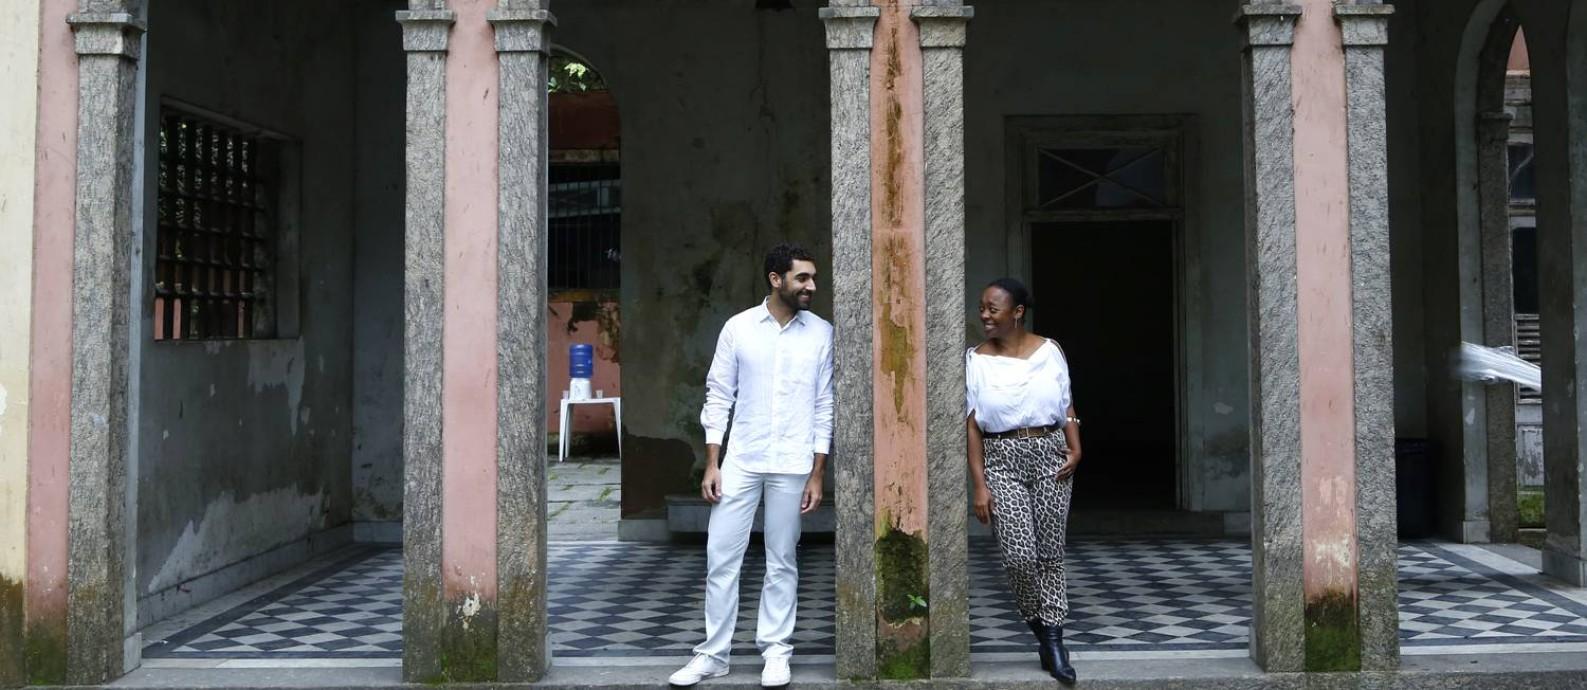 Bernardo Mosqueira e Keyna Eleison, curadores do Manjar 'Para habitar liberdades' Foto: Agência O Globo